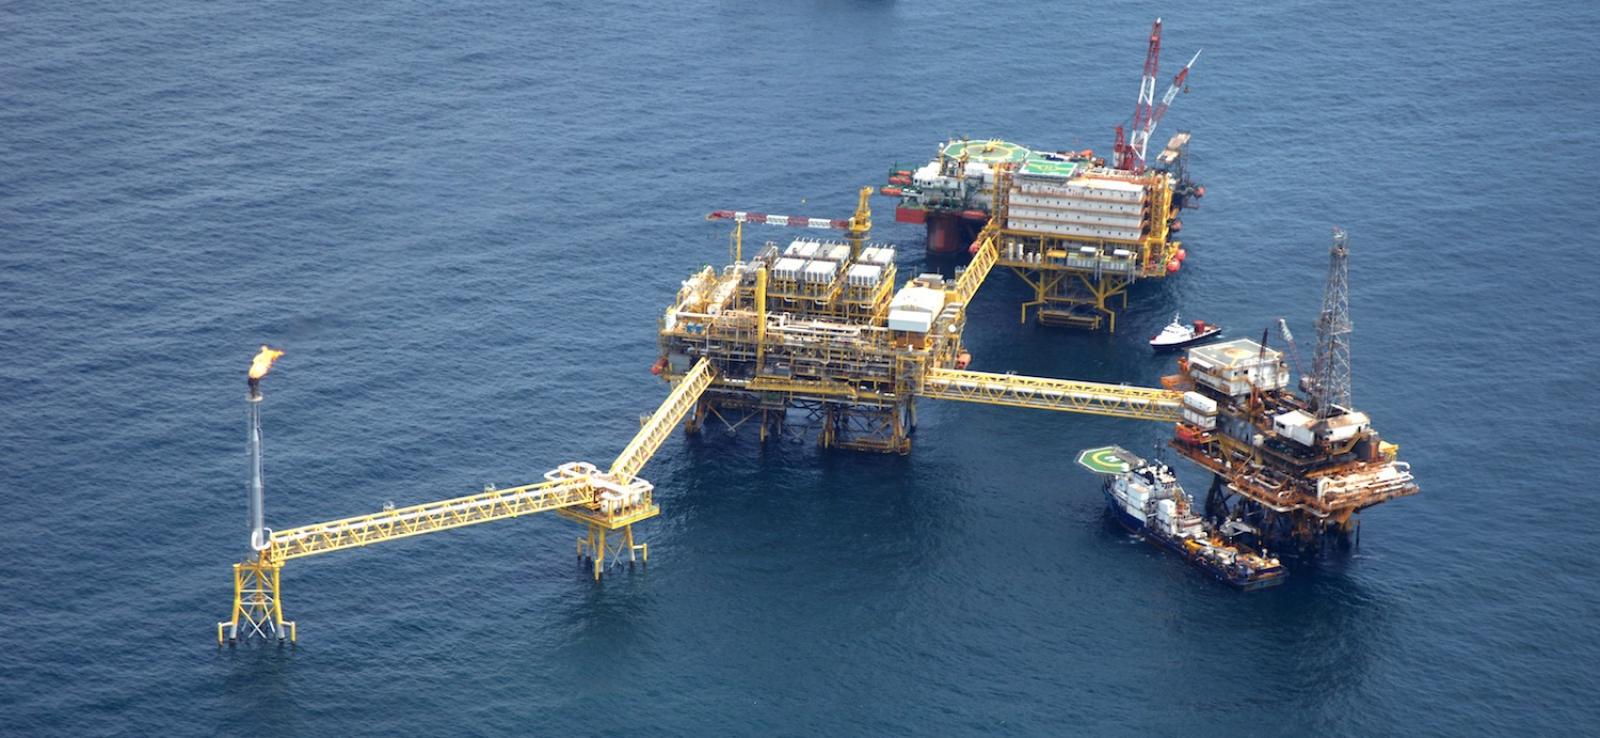 Pemex suspende contratos de servicios petroleros, terminando miles de empleos